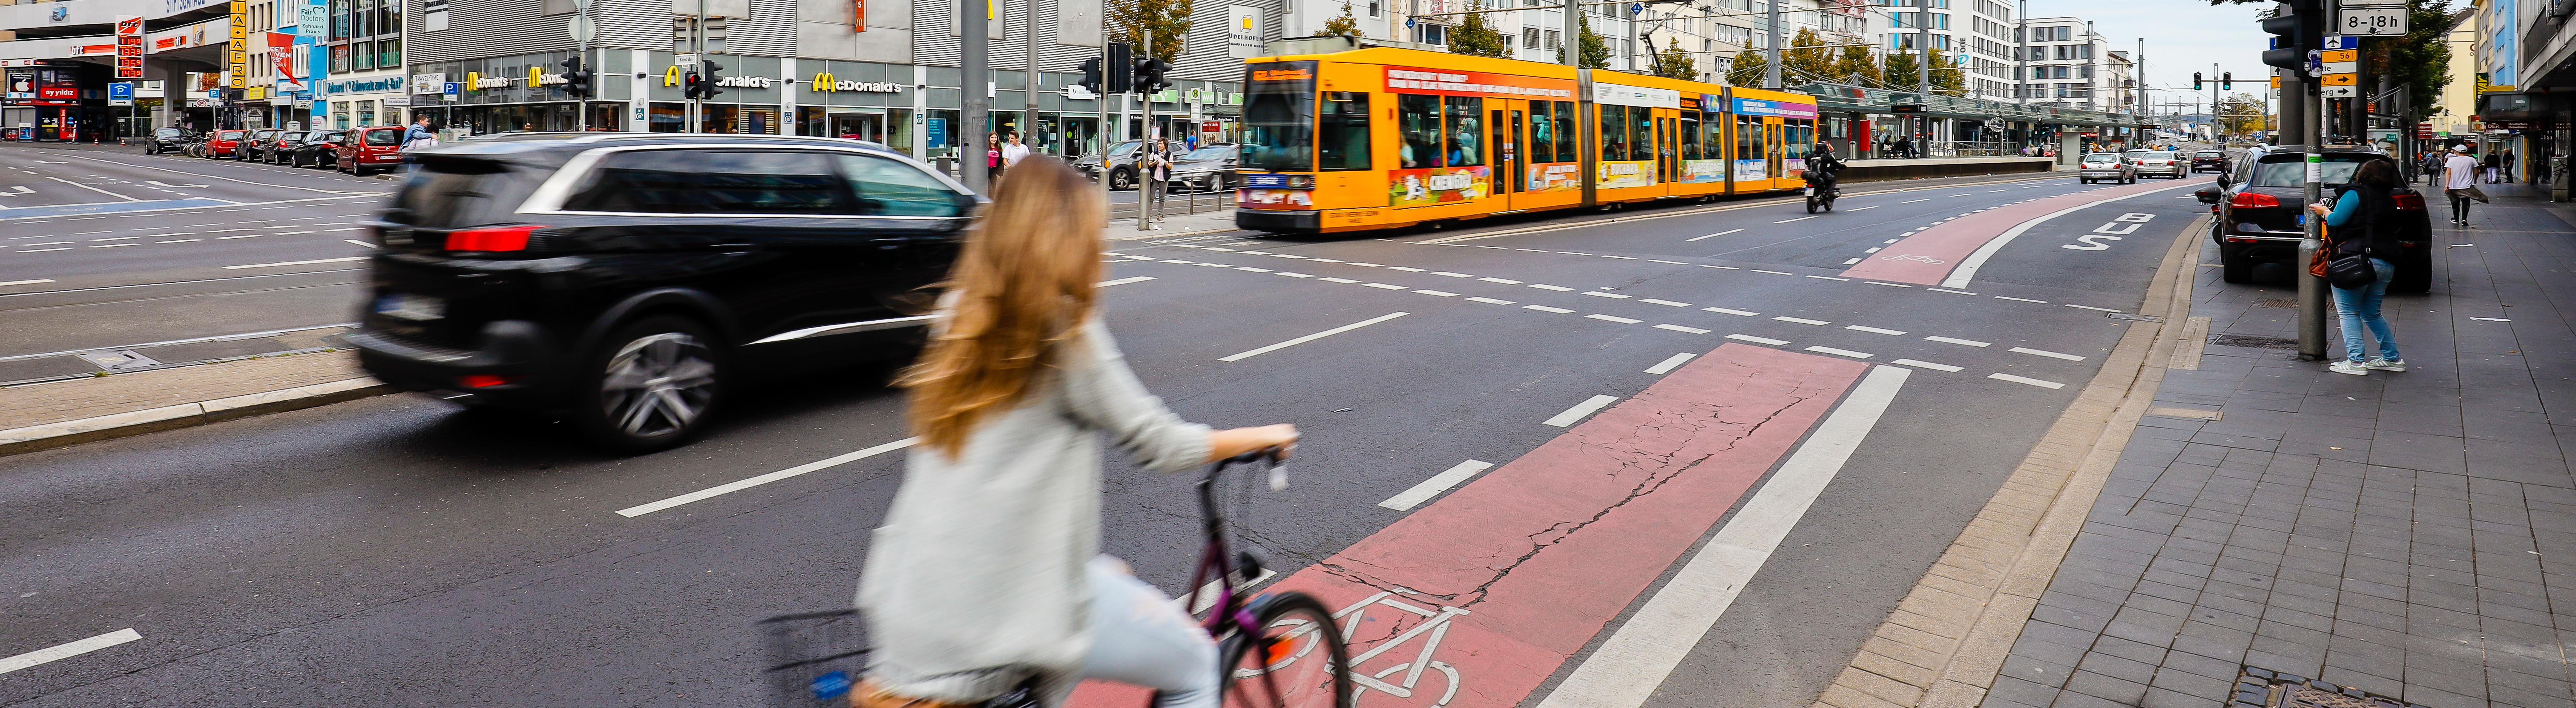 Strassenkreuzung mit Fahrradfahrern, Fussgaengern, Autos und Strassenbahn, Bonn, Nordrhein-Westfalen, Deutschland Bonn Nordrhein-Westfalen Deutschland